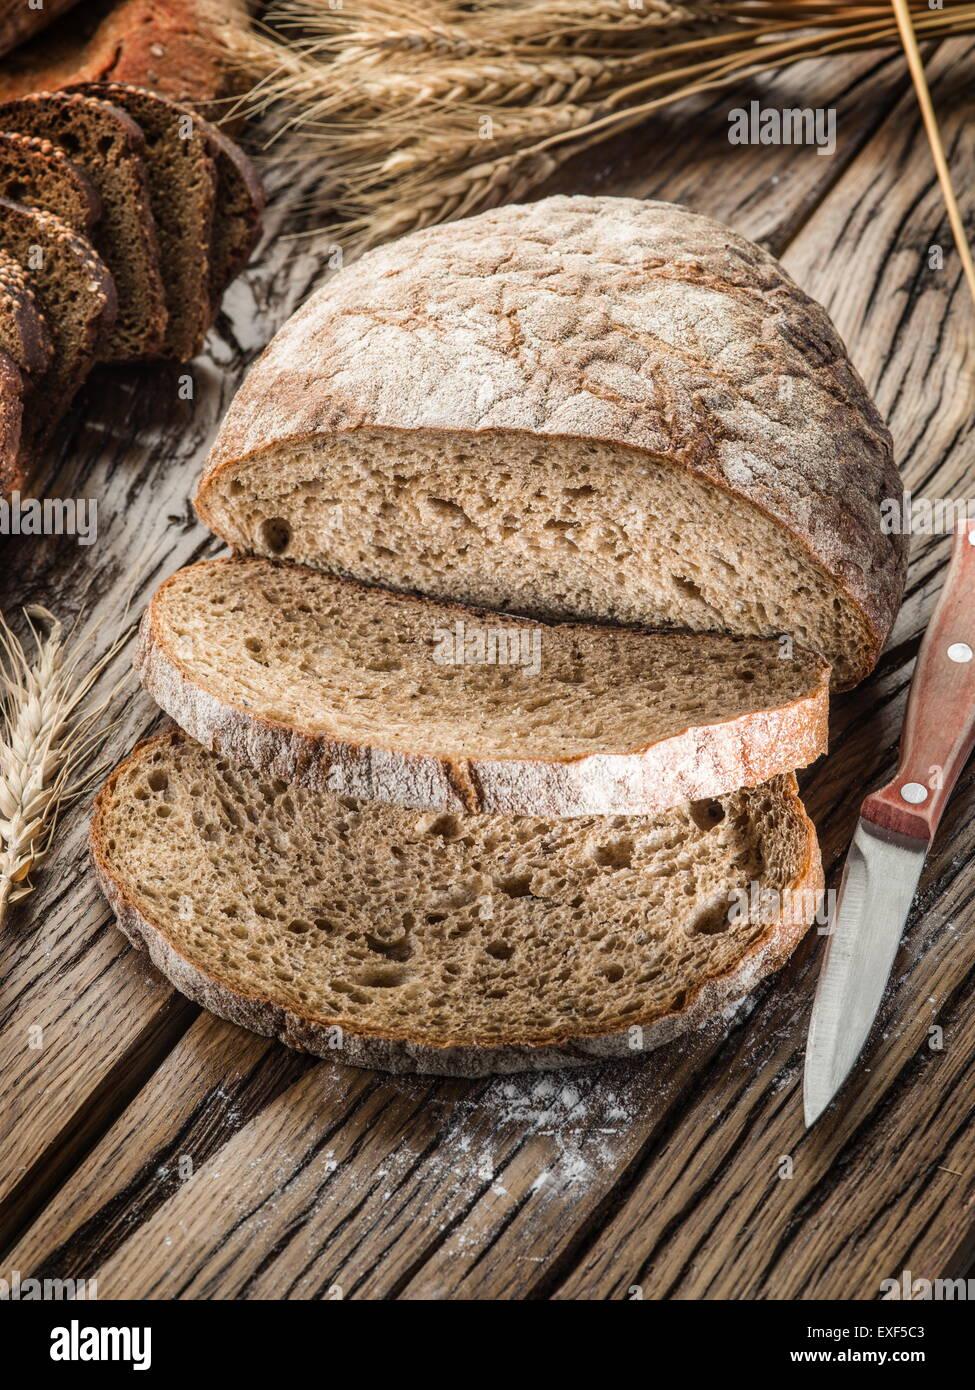 Tranches de pain noir sur la vieille planche de bois. Photo Stock